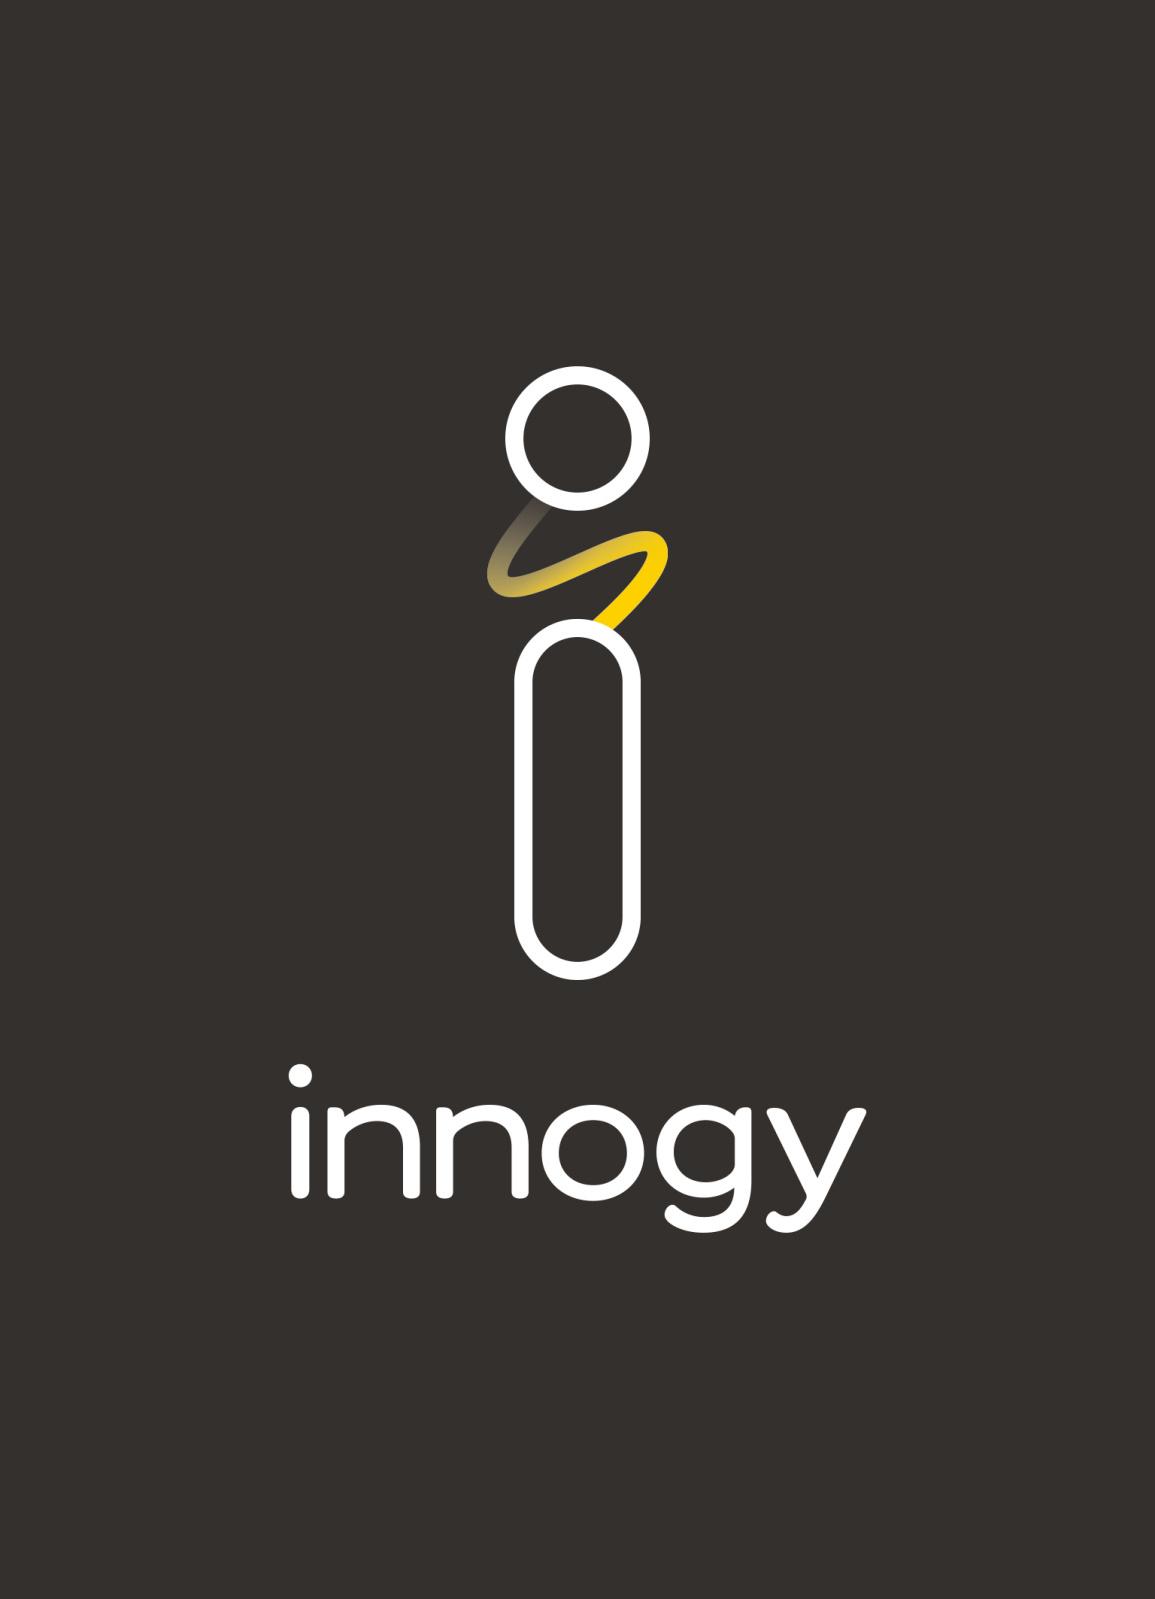 INNOGY